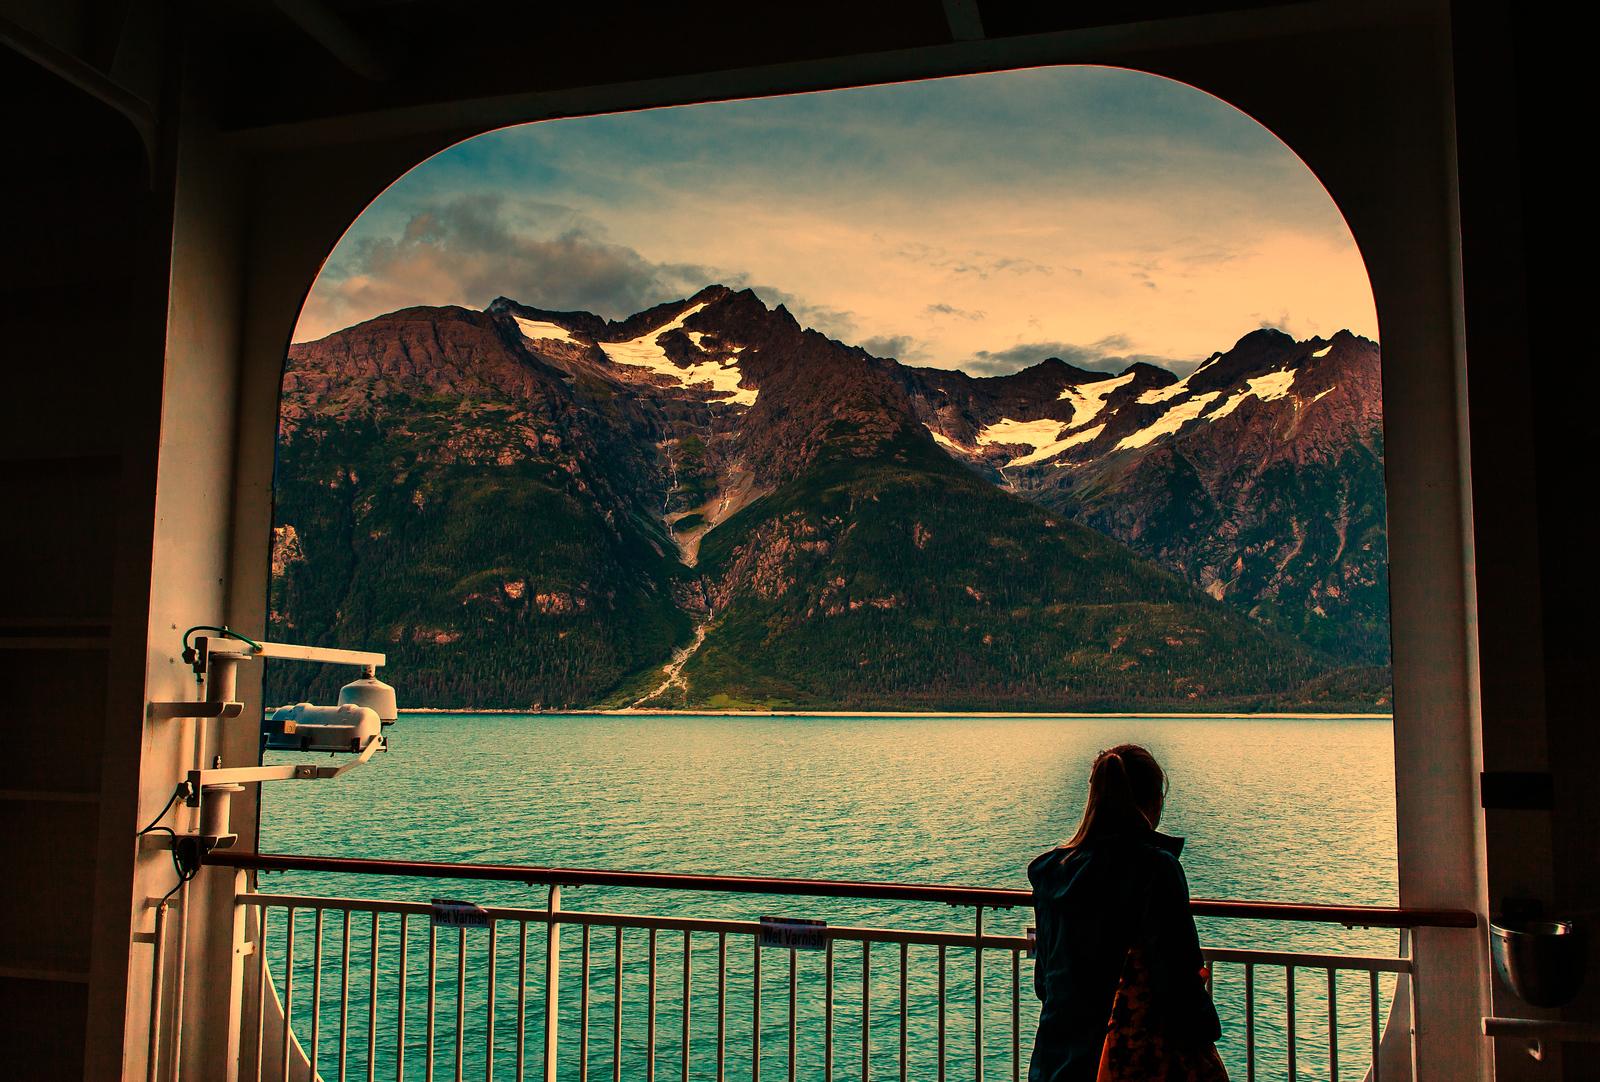 阿拉斯加,山上山下水边水中